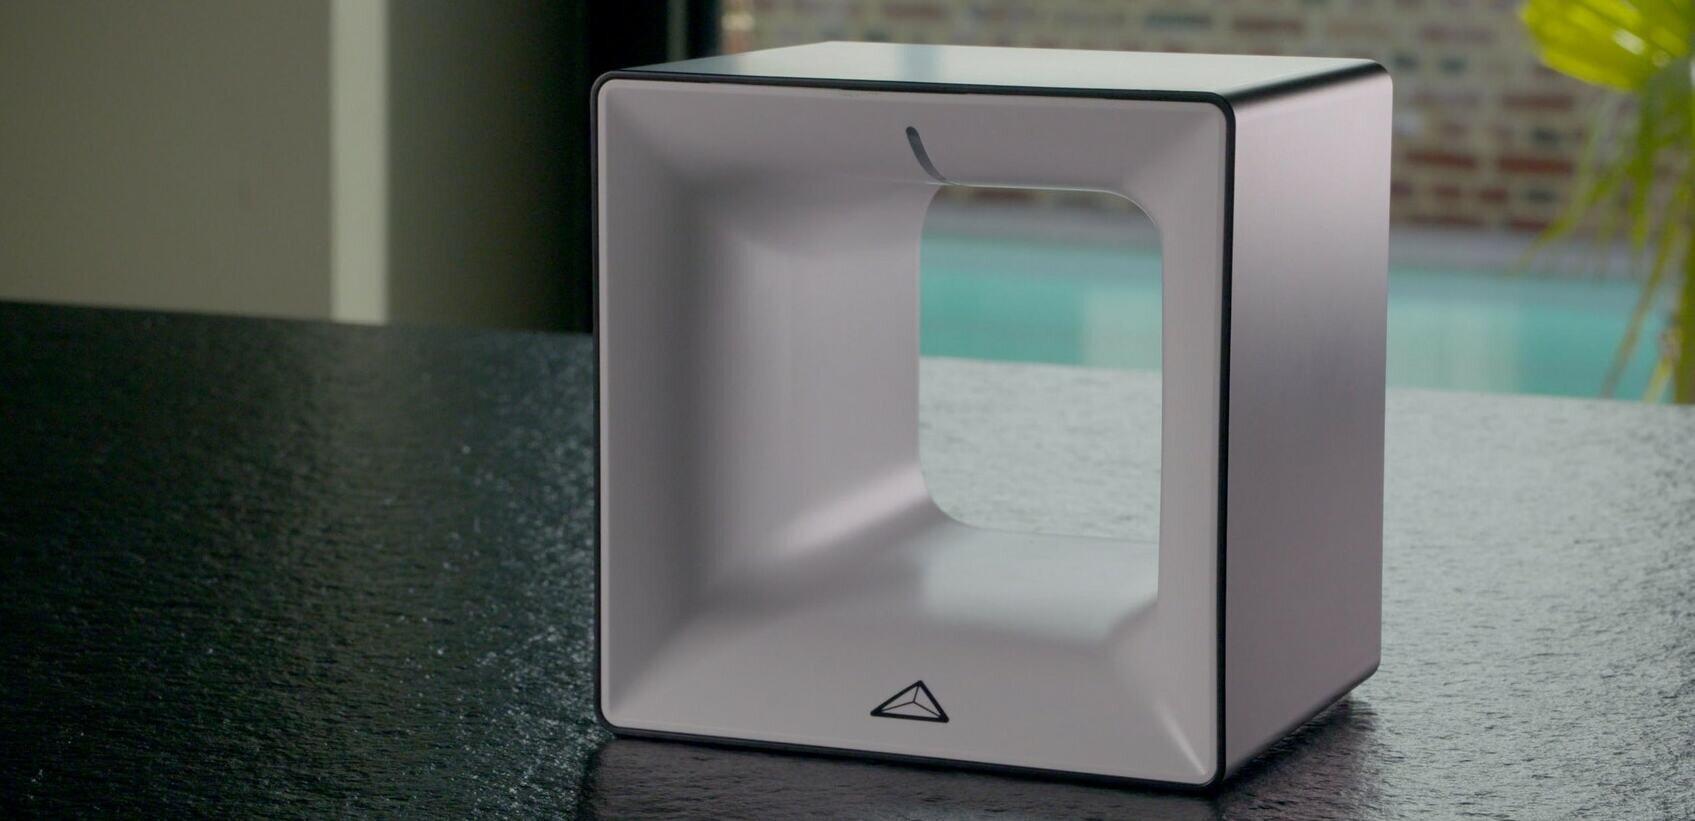 La Box Enki De Leroy Merlin Compatible Somfy Rts Via Une